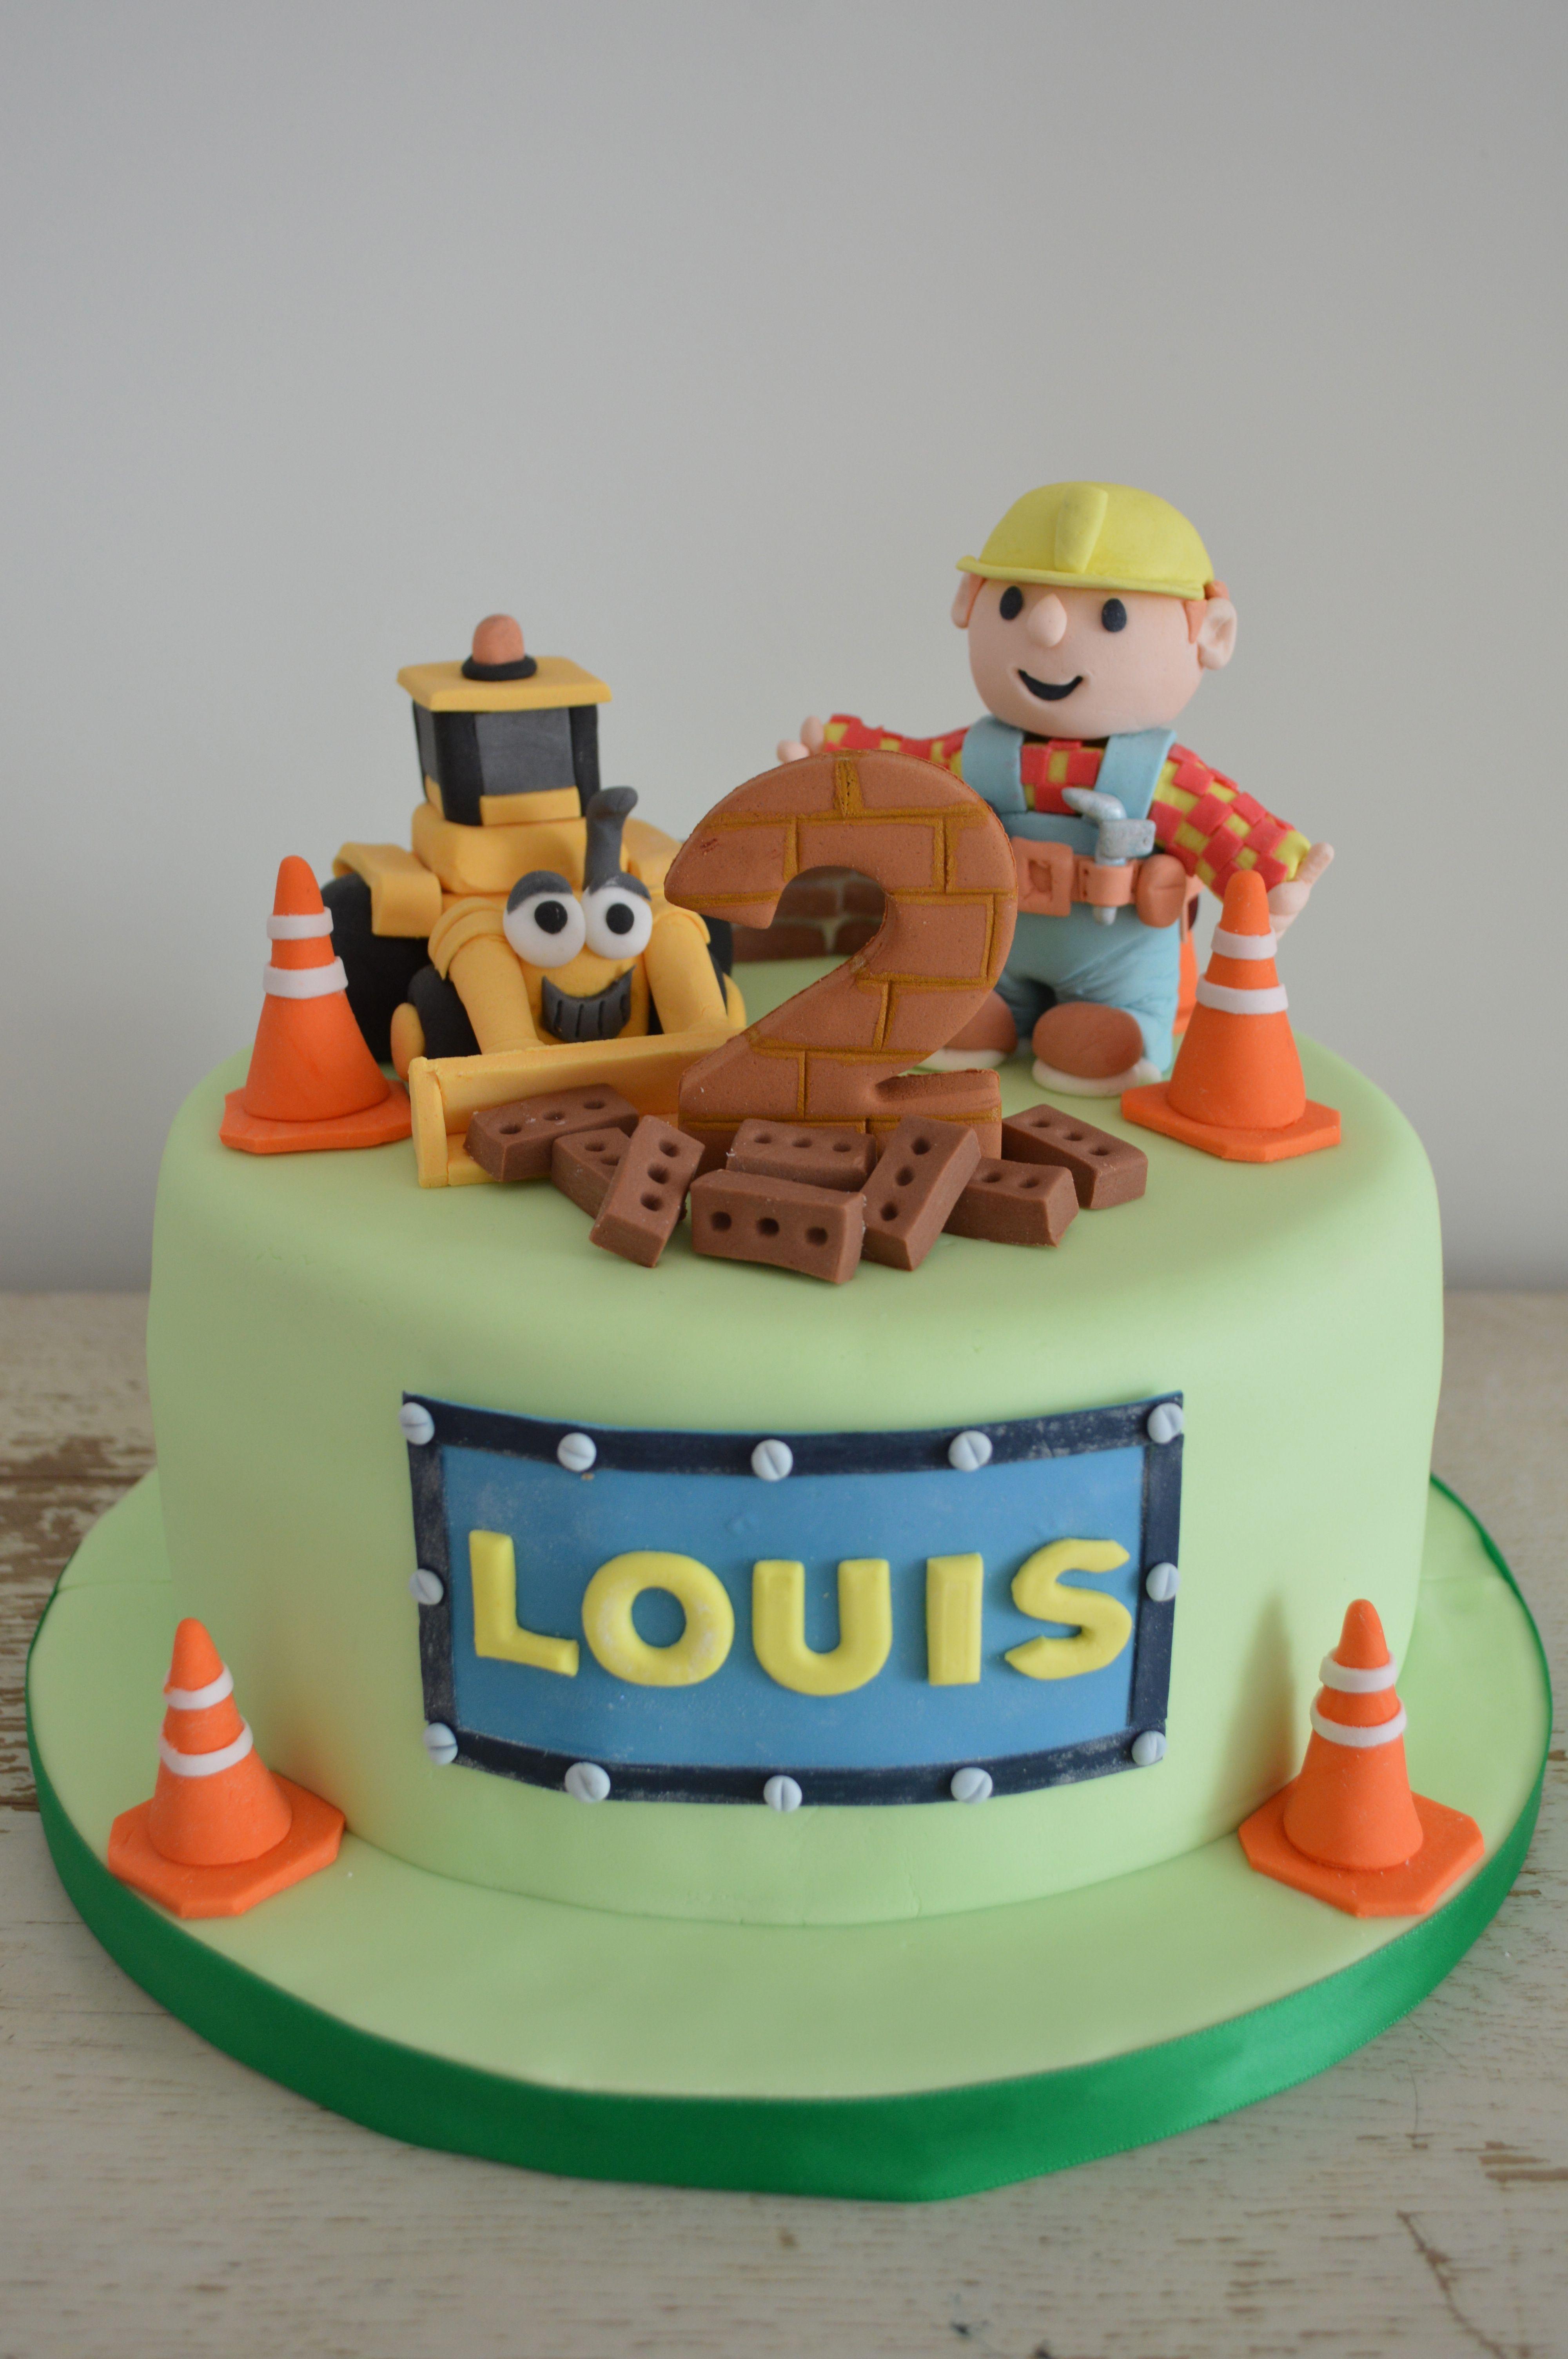 Bob the builder cake torte gateau anniversaire deco - Bobe le bricoleur ...